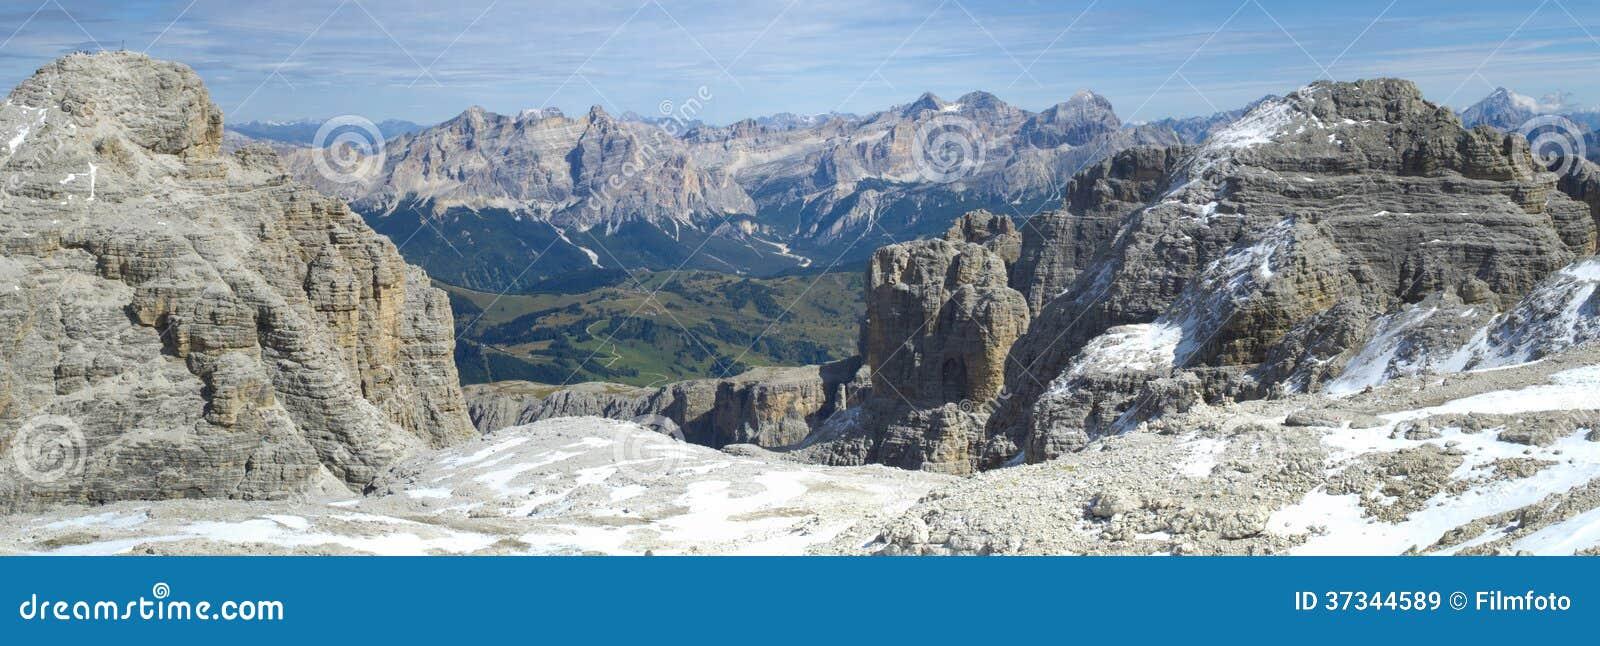 阿尔卑斯白云岩全景